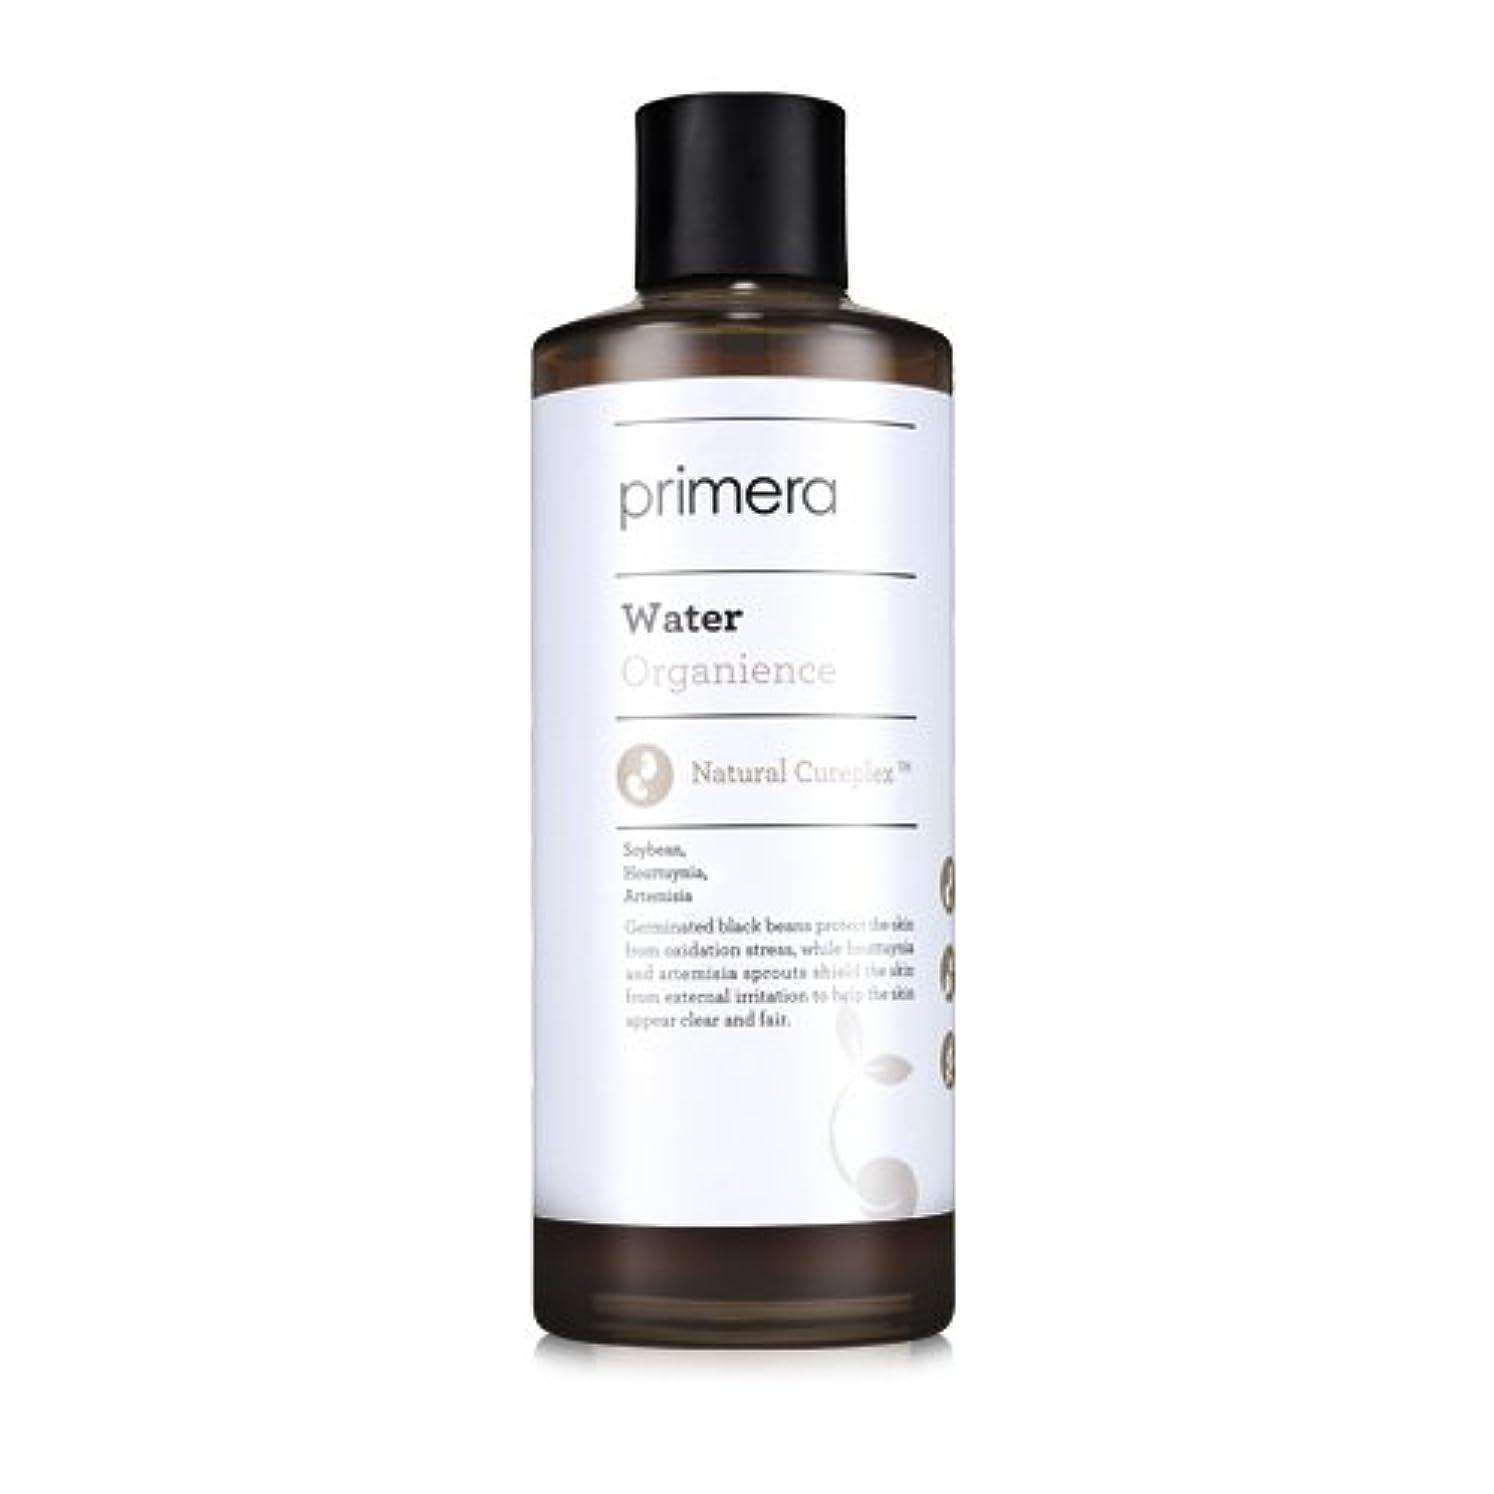 降伏容量発生PRIMERA プリメラ オーガニエンス エマルジョン(Organience Emulsion)乳液 150ml